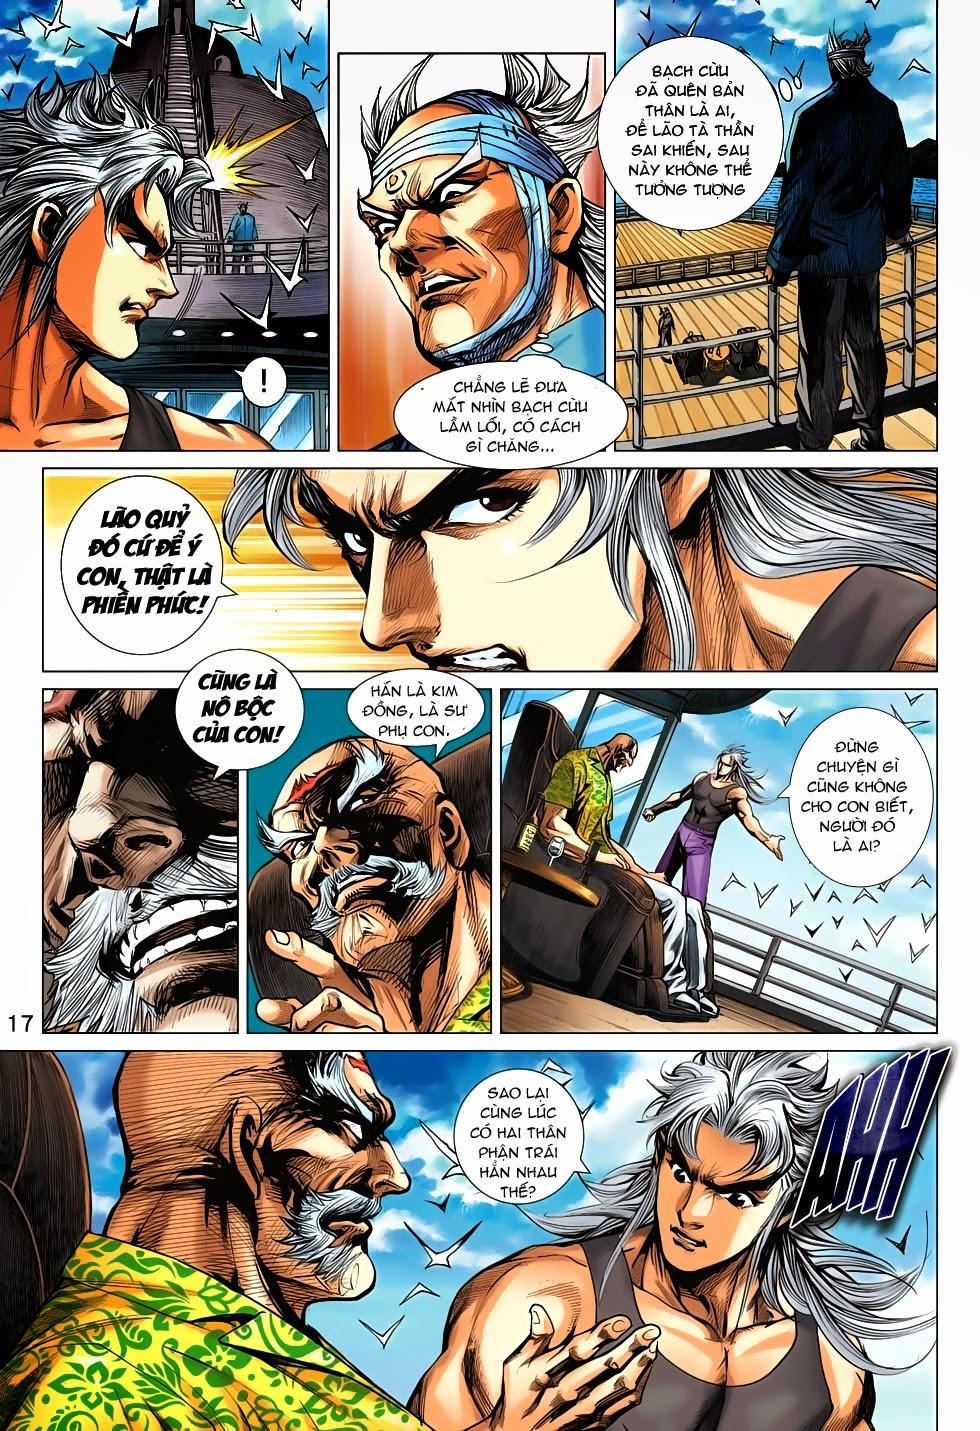 Tân Tác Long Hổ Môn chap 708 - Trang 18